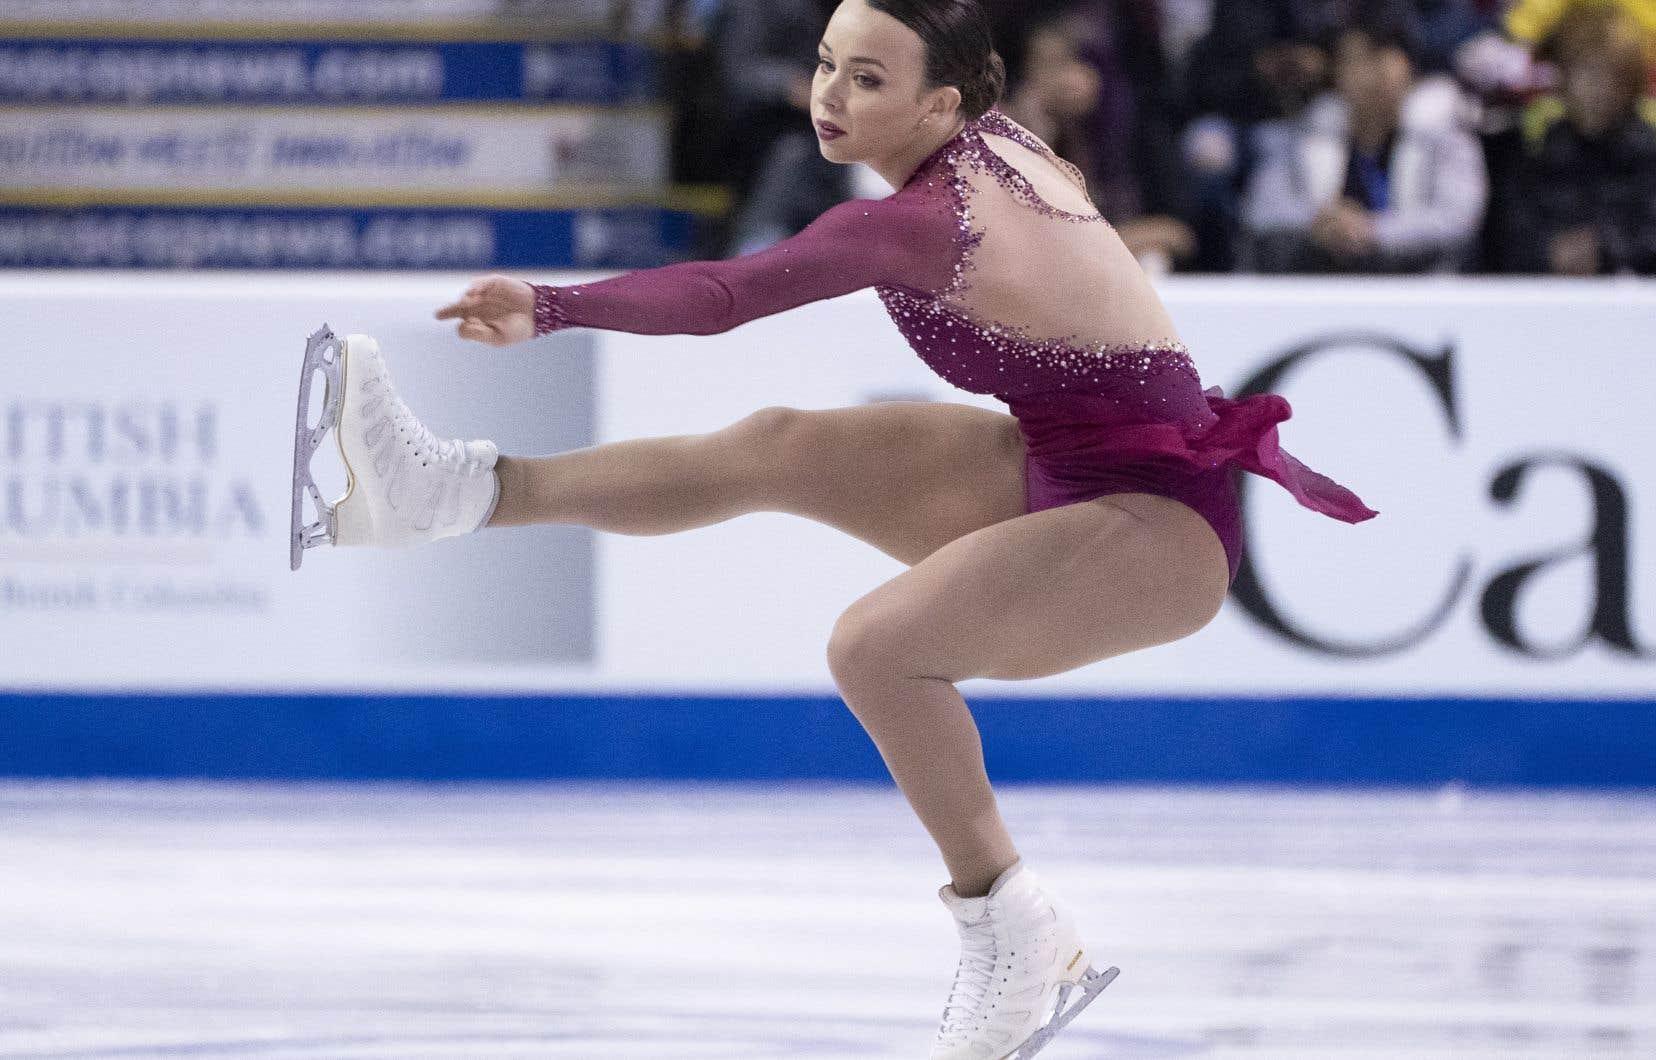 Mondiaux de patinage artistique: autant d'objectifs que de patineurs